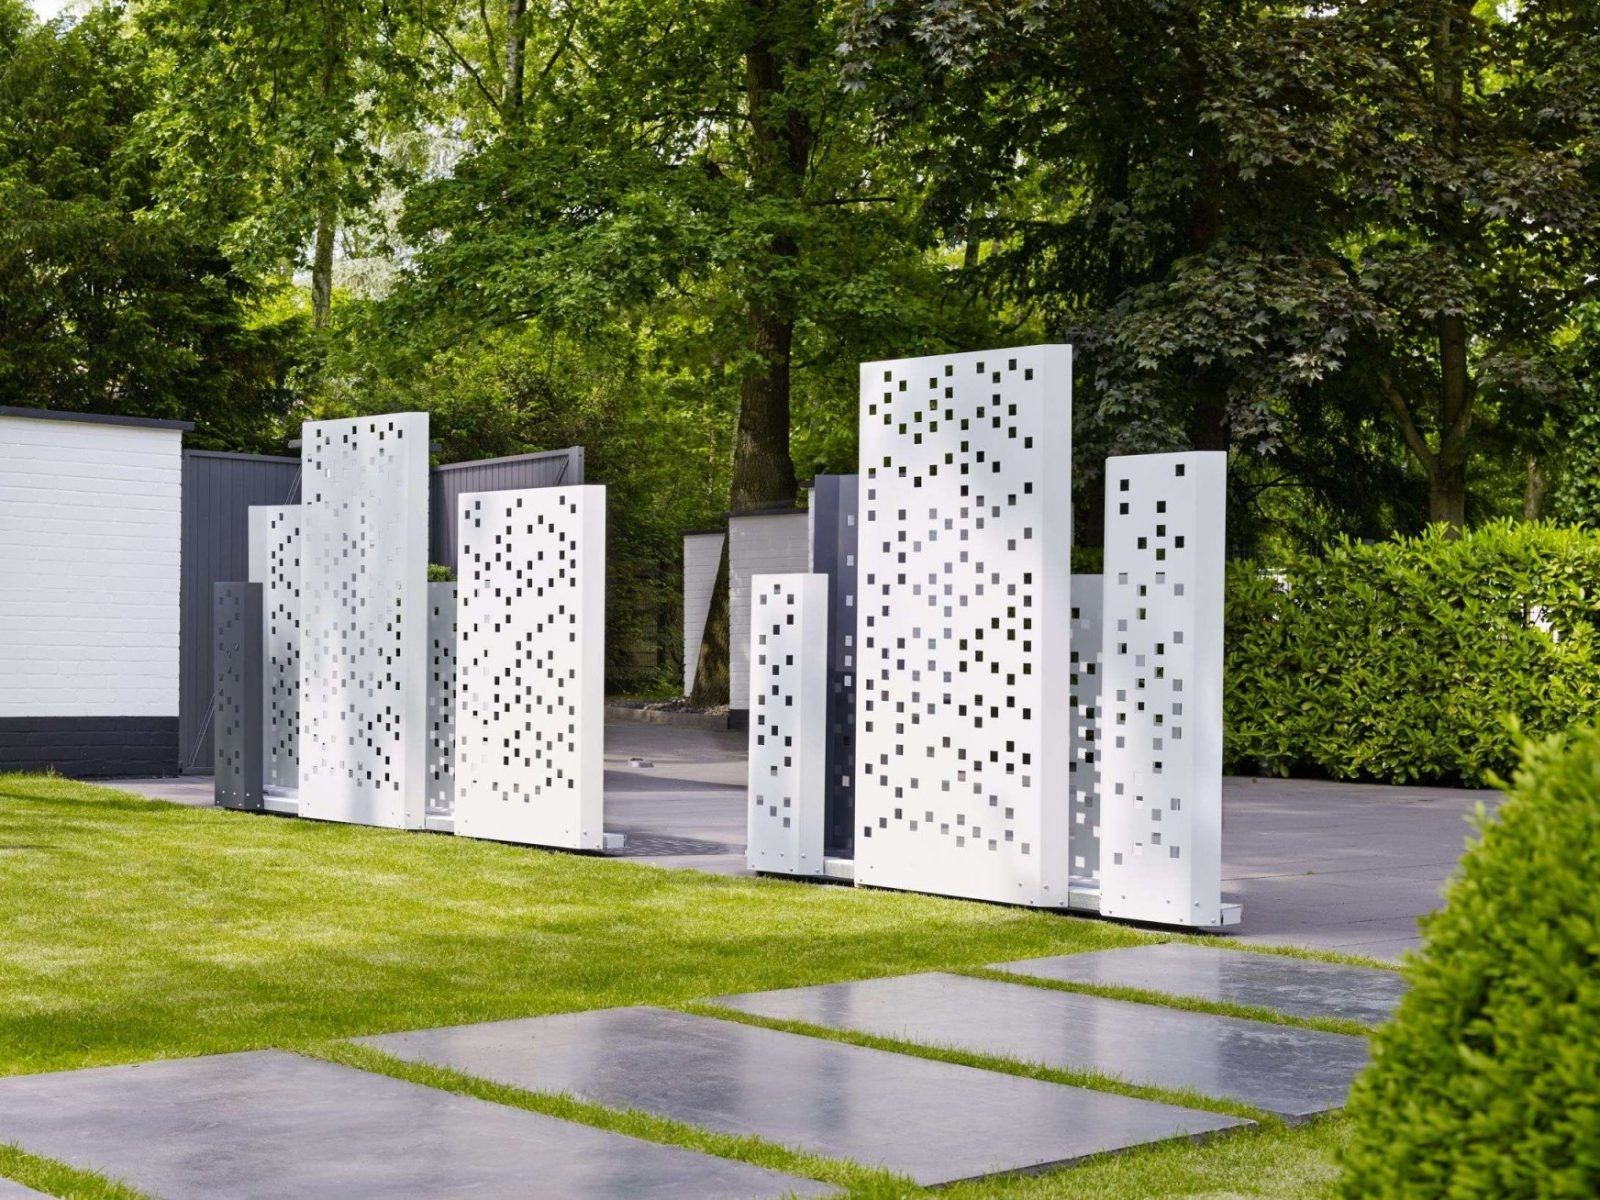 42 Schön Garten Sichtschutz Rost Galerie  Komplette Ideen von Sichtschutz Garten Metall Rost Bild